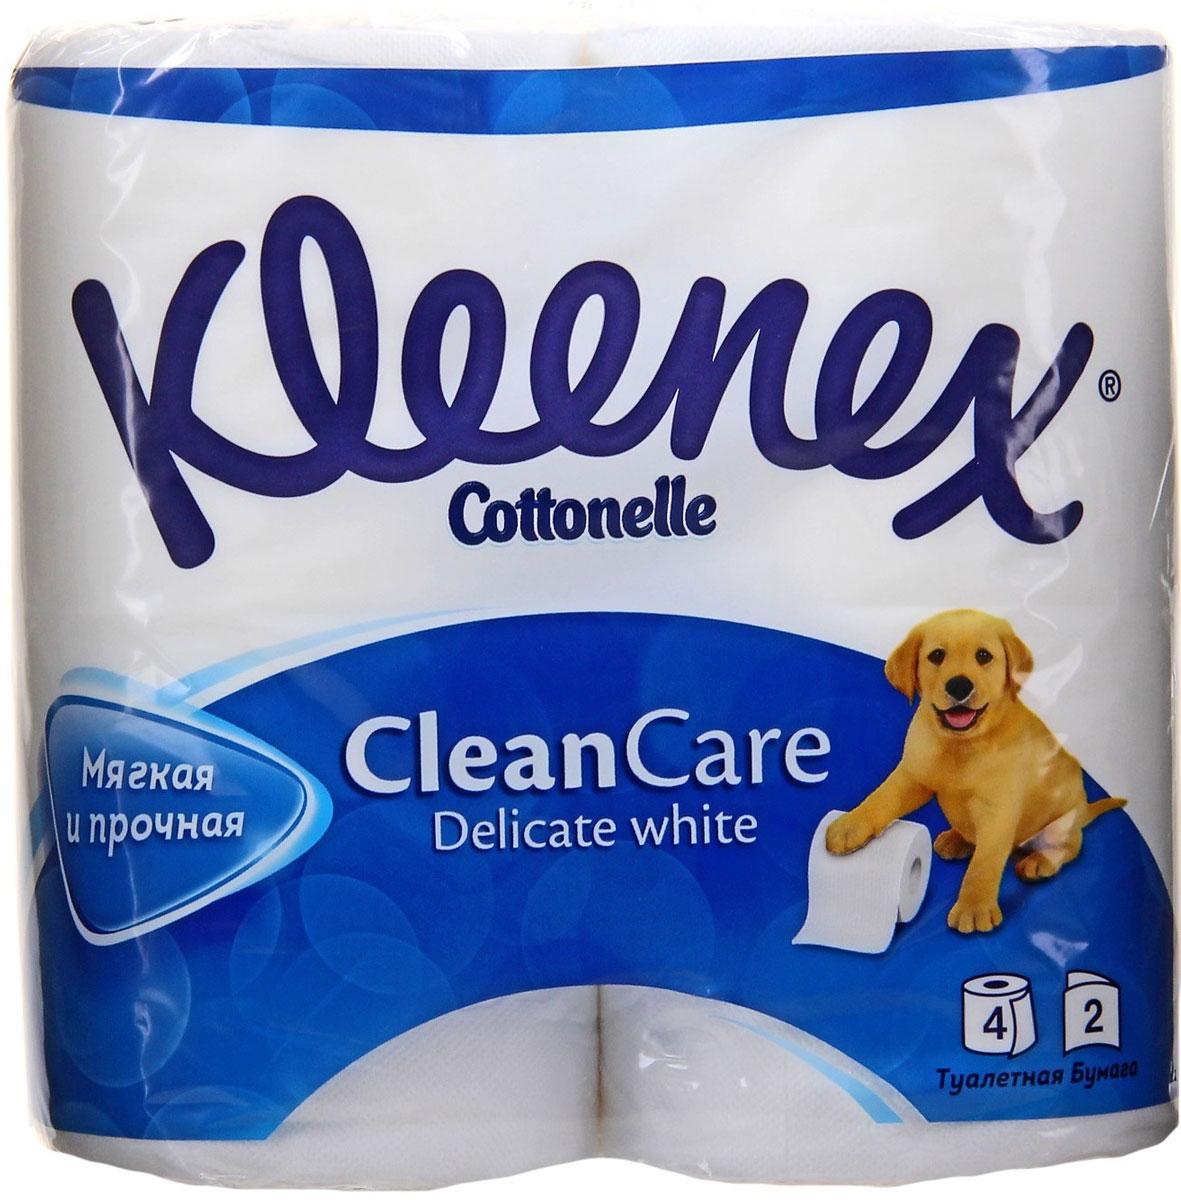 Туалетная бумага Kleenex Delicate White, двухслойная, цвет: белый, 4 рулона туалетная бумага biocos двухслойная цвет белый 4 рулона